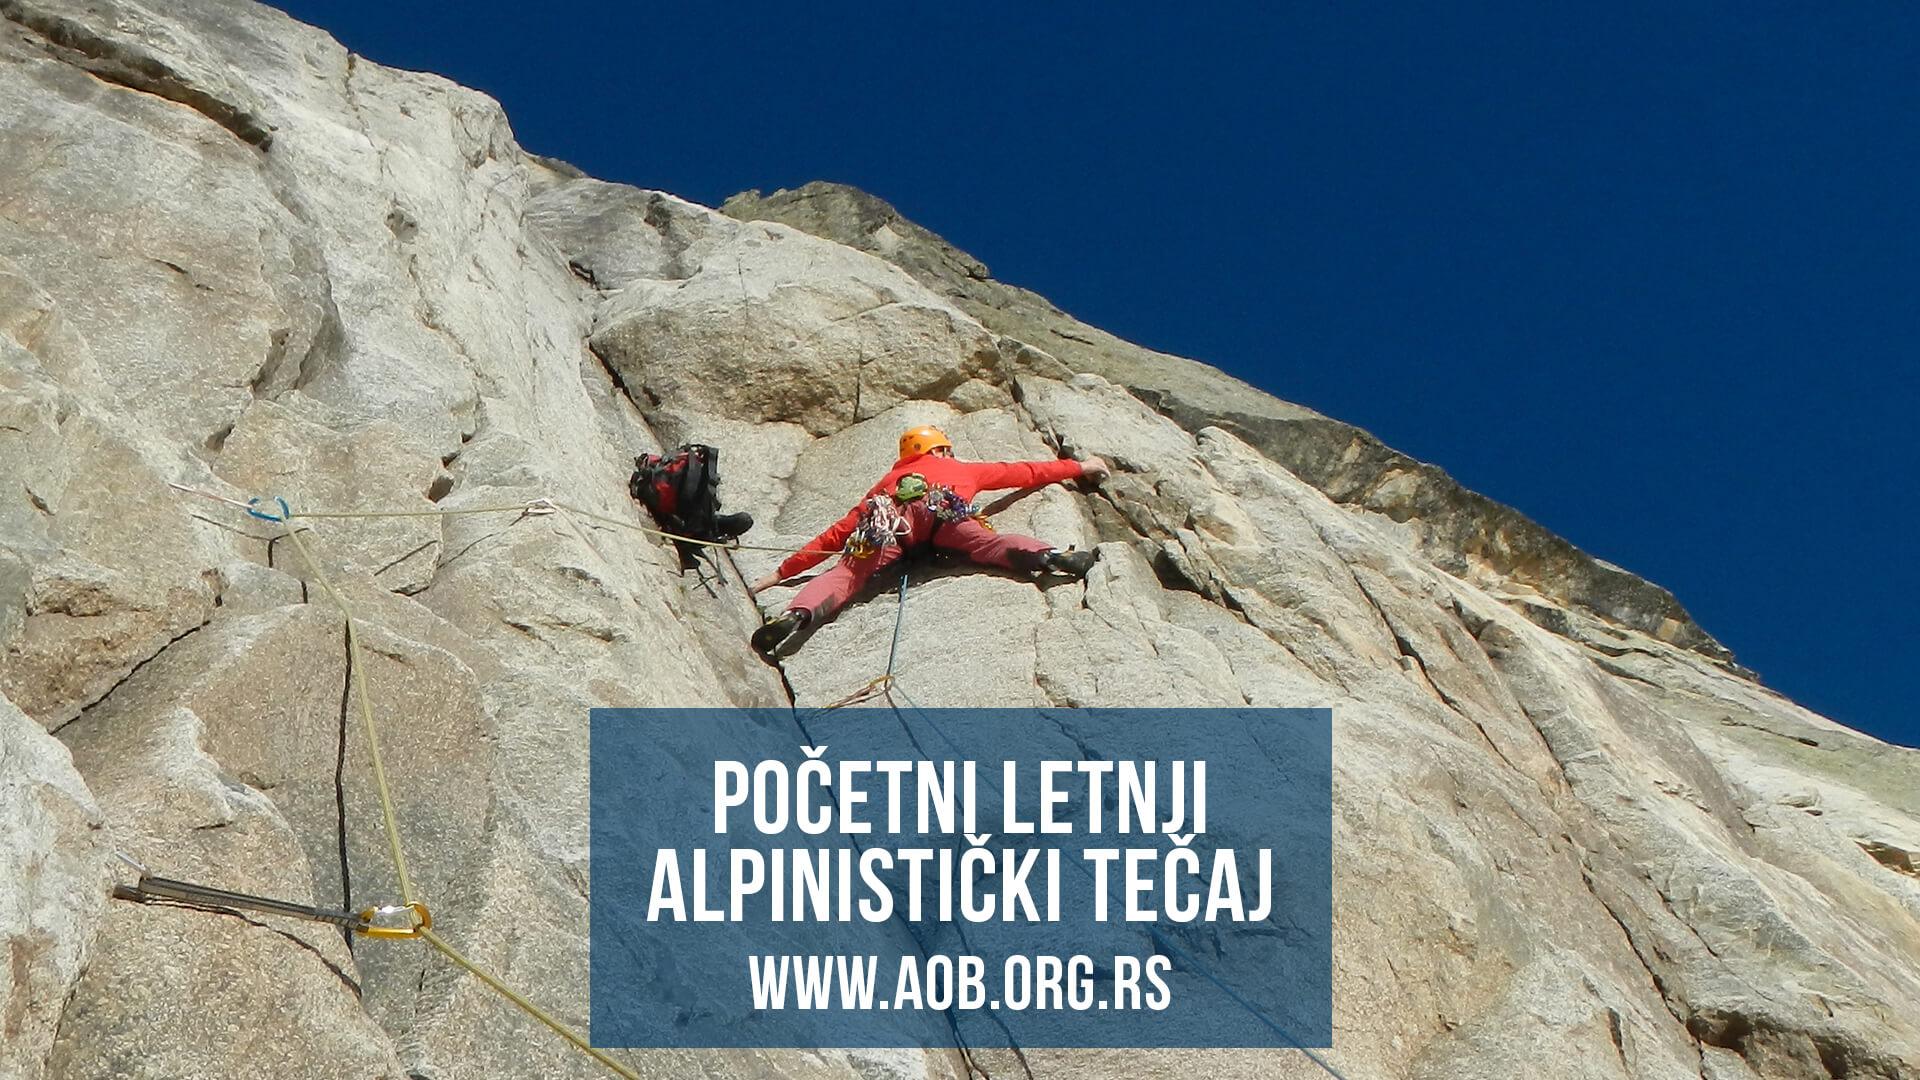 Letnji alpinistički tečaj 2020